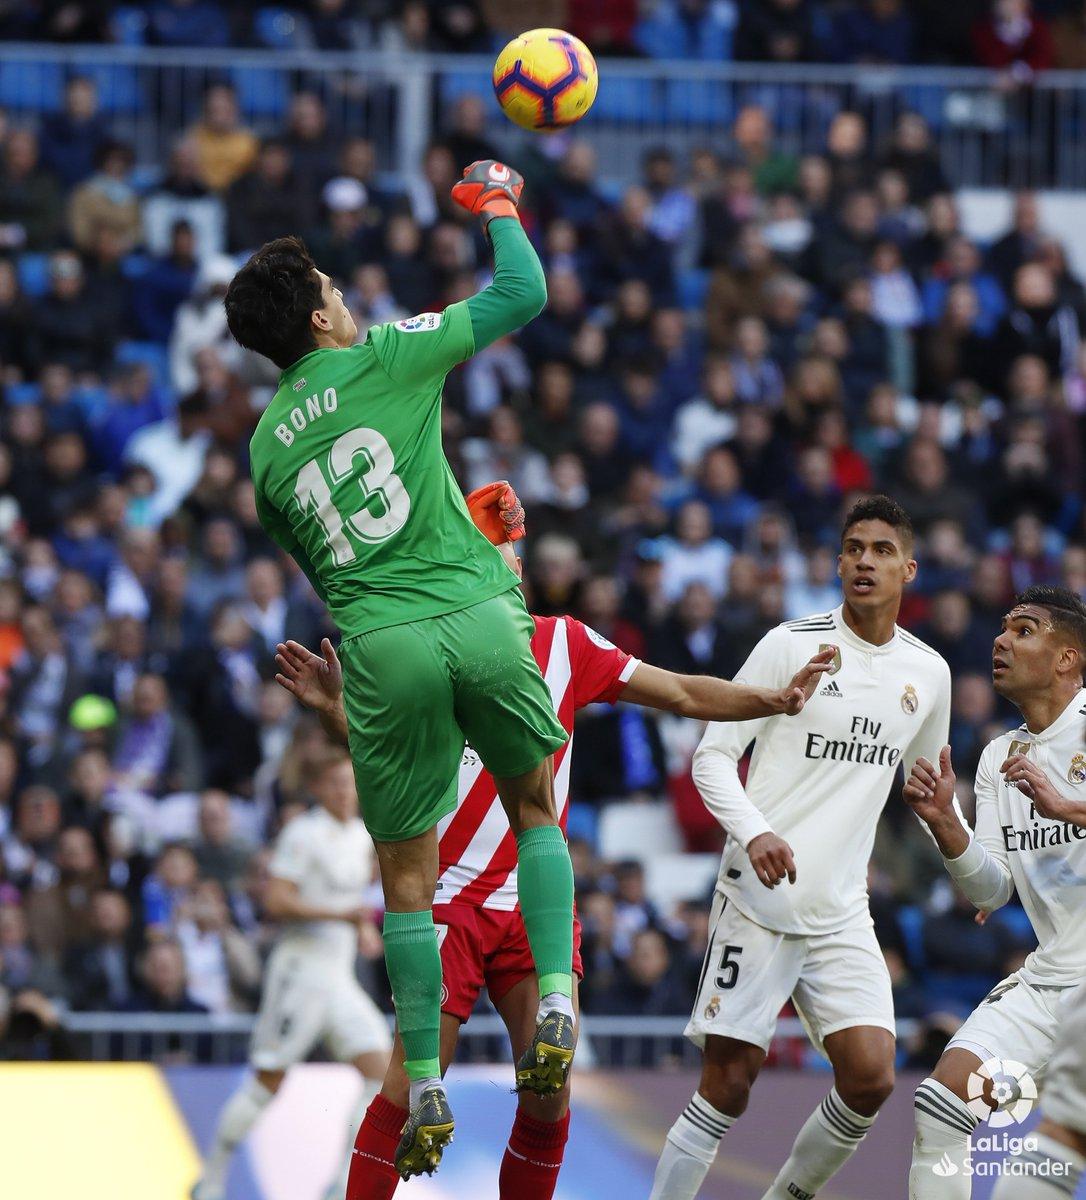 ياسين بونو @Bonoyass 👐  🔴@GironaFC 🔴  #RealMadridGirona 1-0